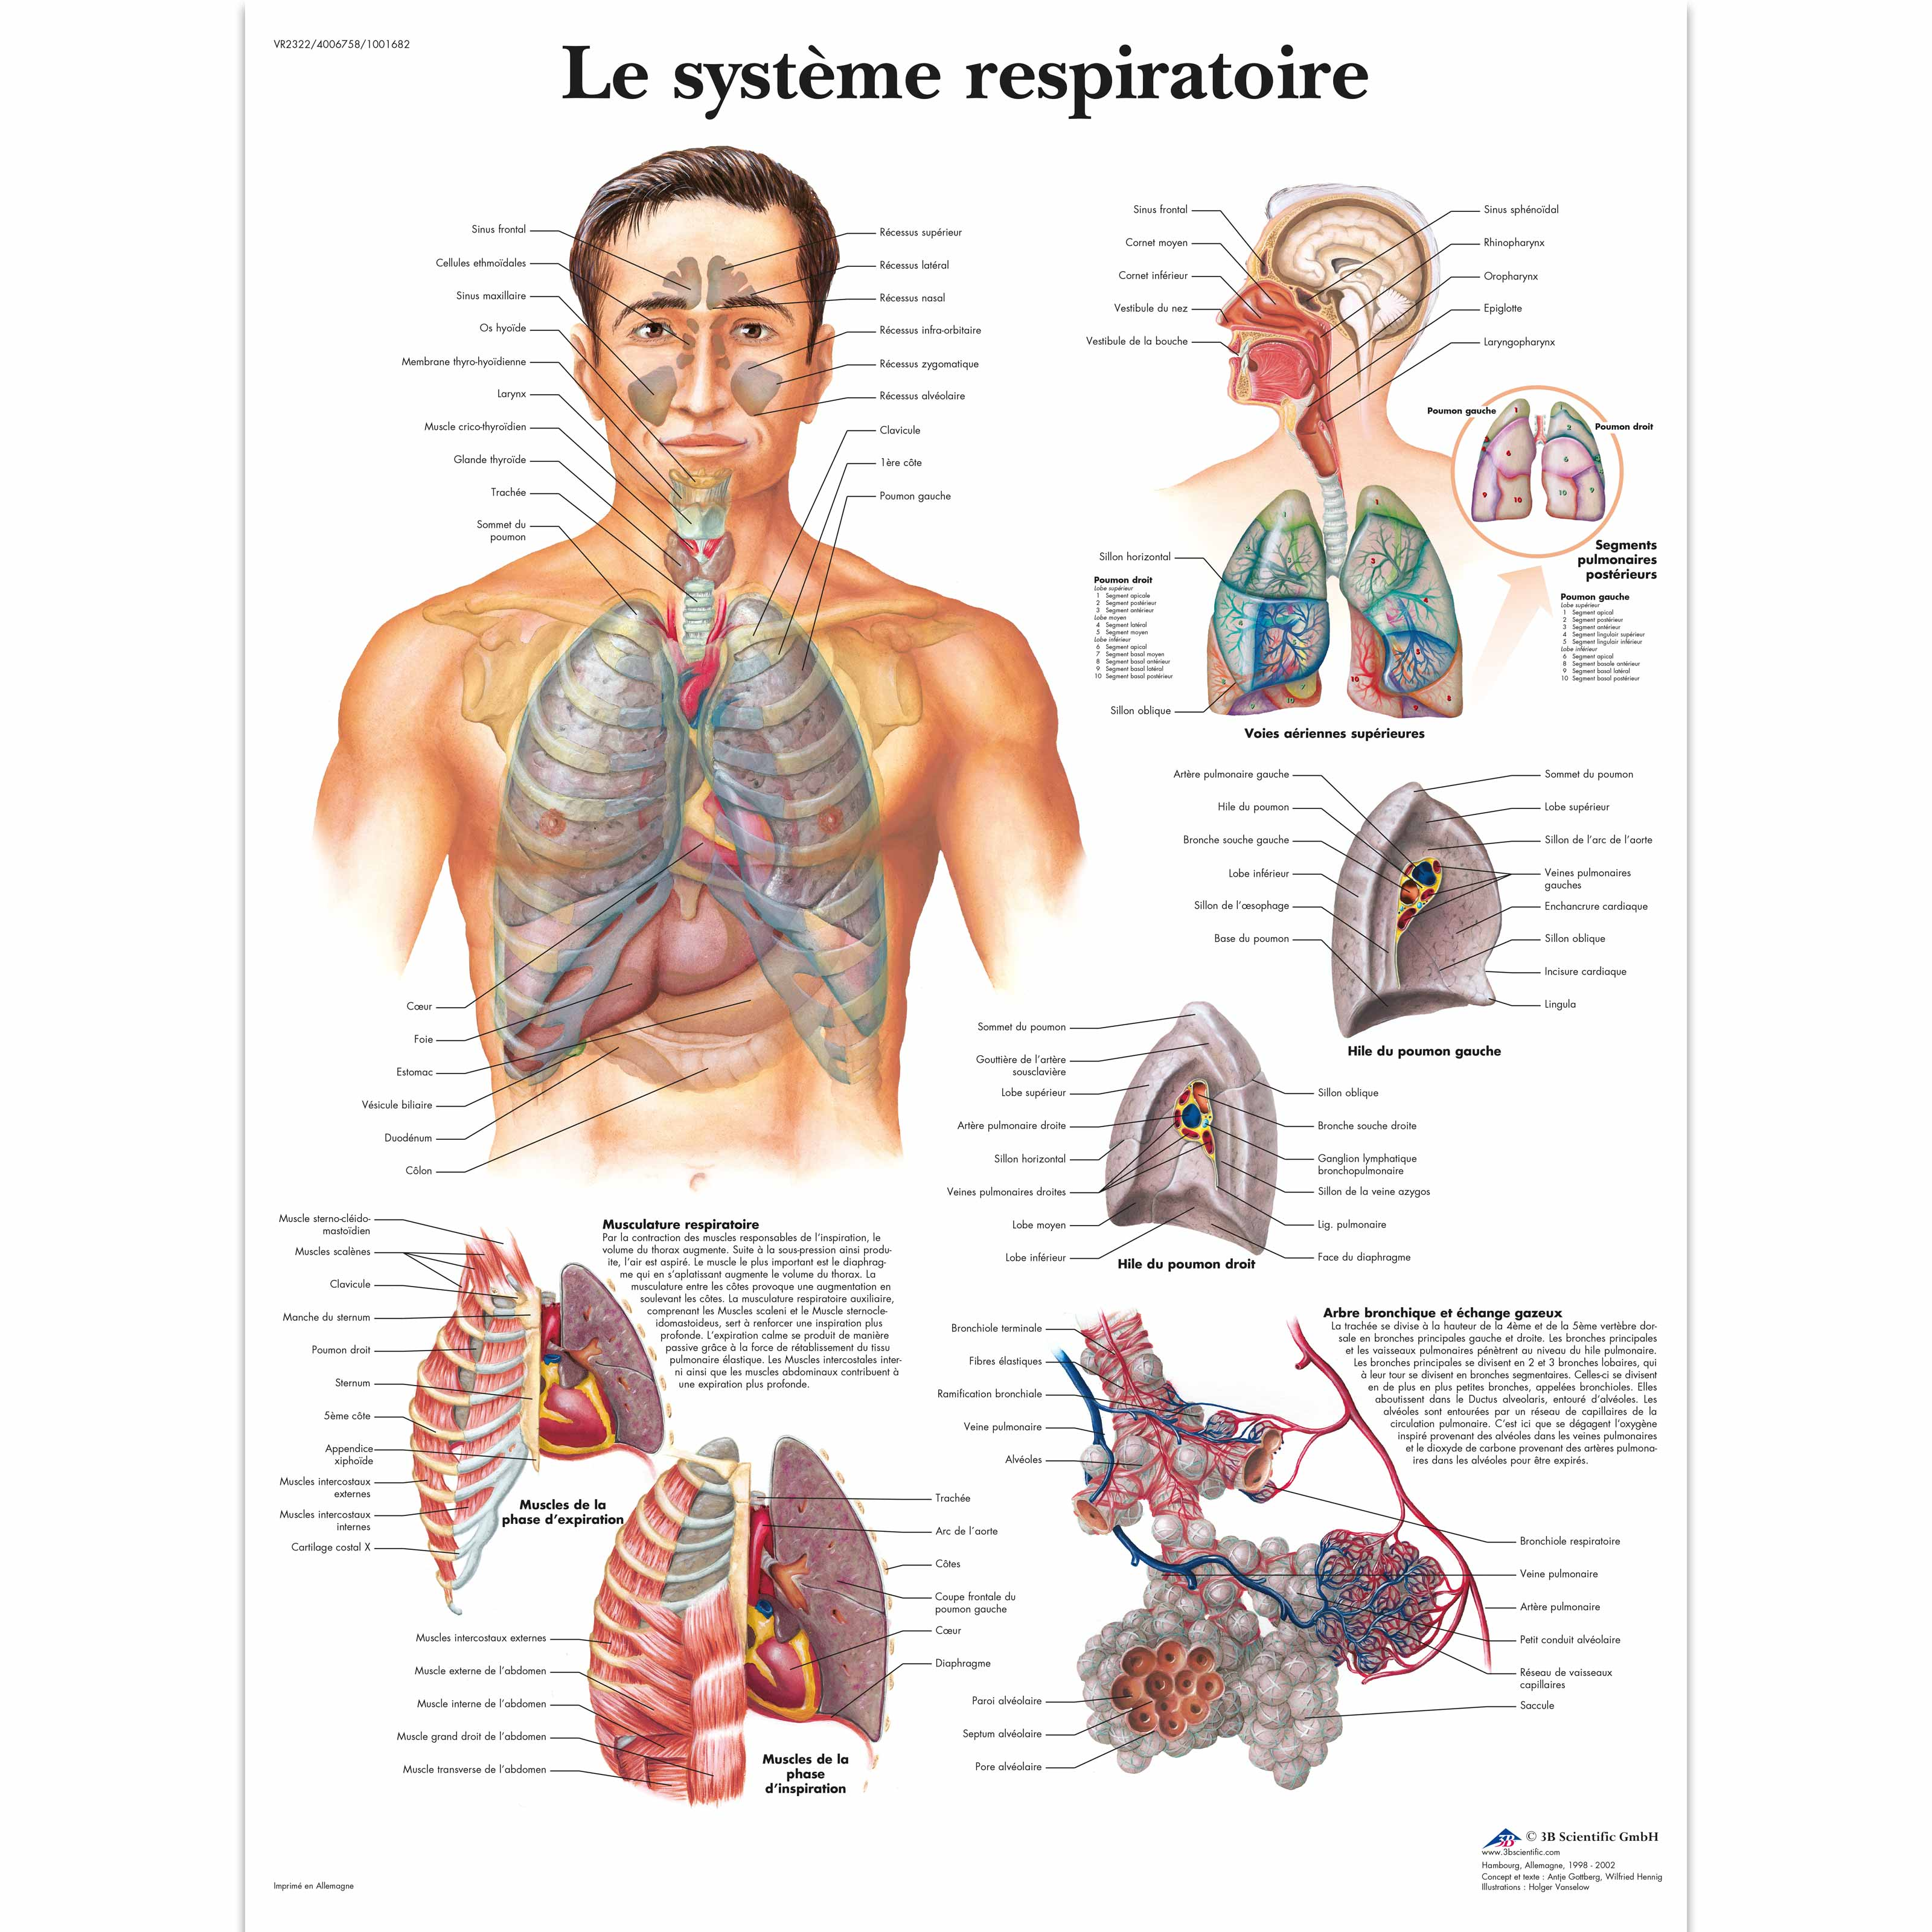 Lehrtafel - Le système respiratoire - 1001682 - VR2322L ...